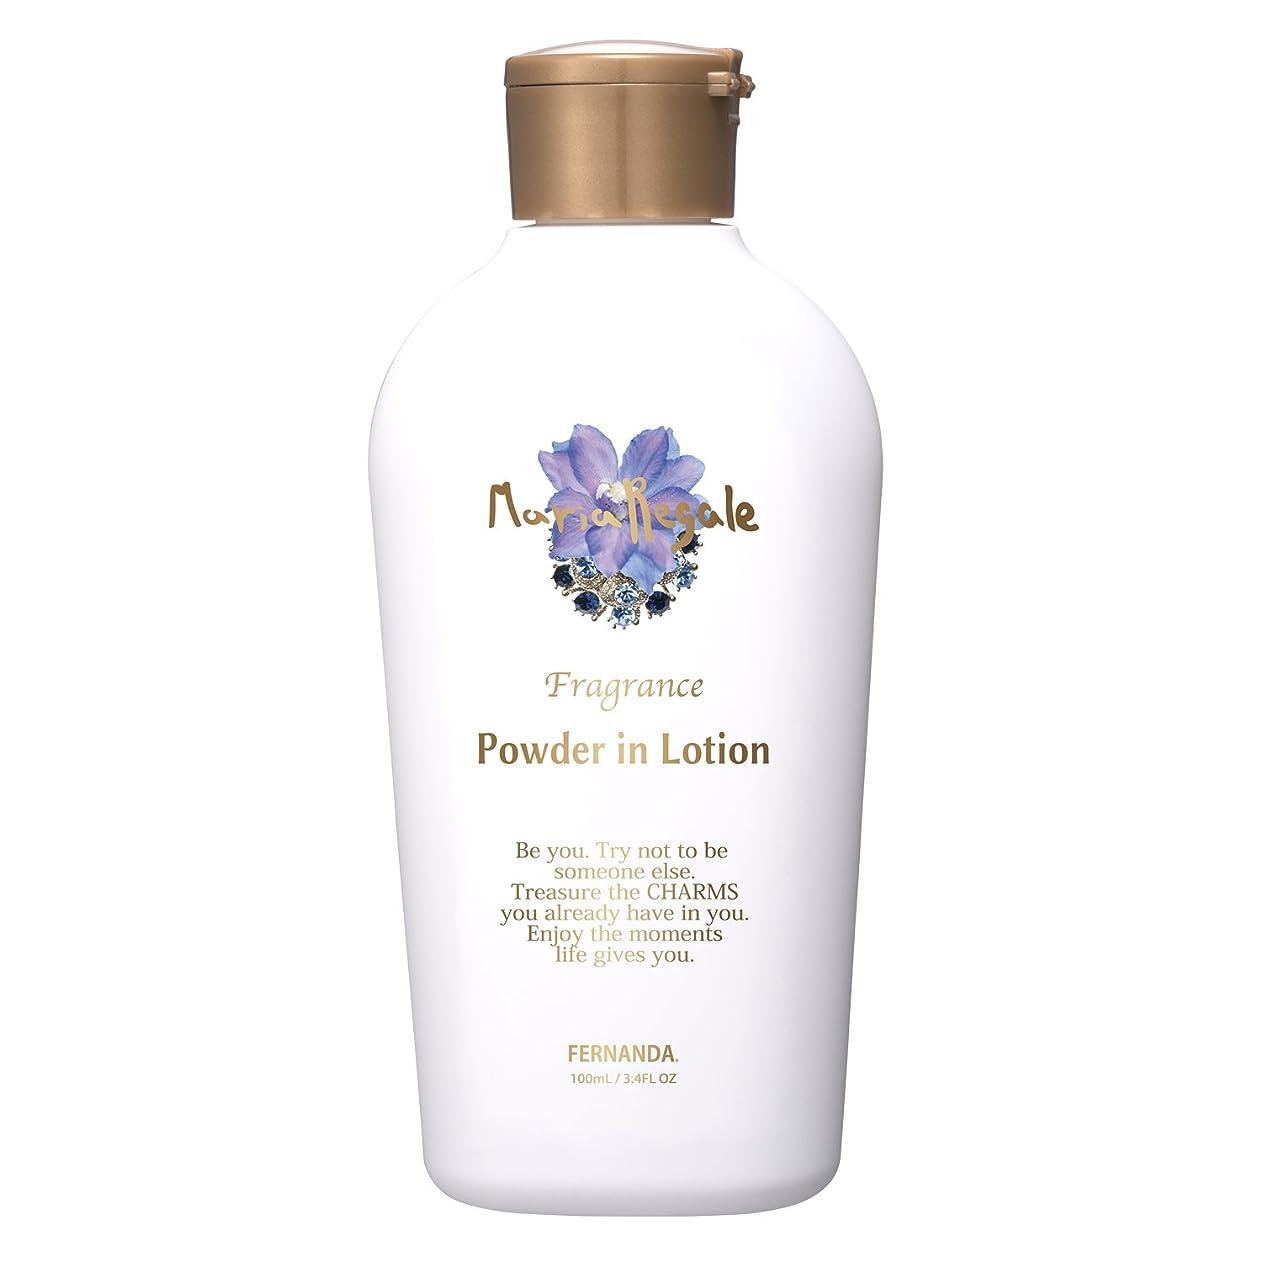 FERNANDA(フェルナンダ) Powder in Lotion Maria Regale(パウダーインローション マリアリゲル)